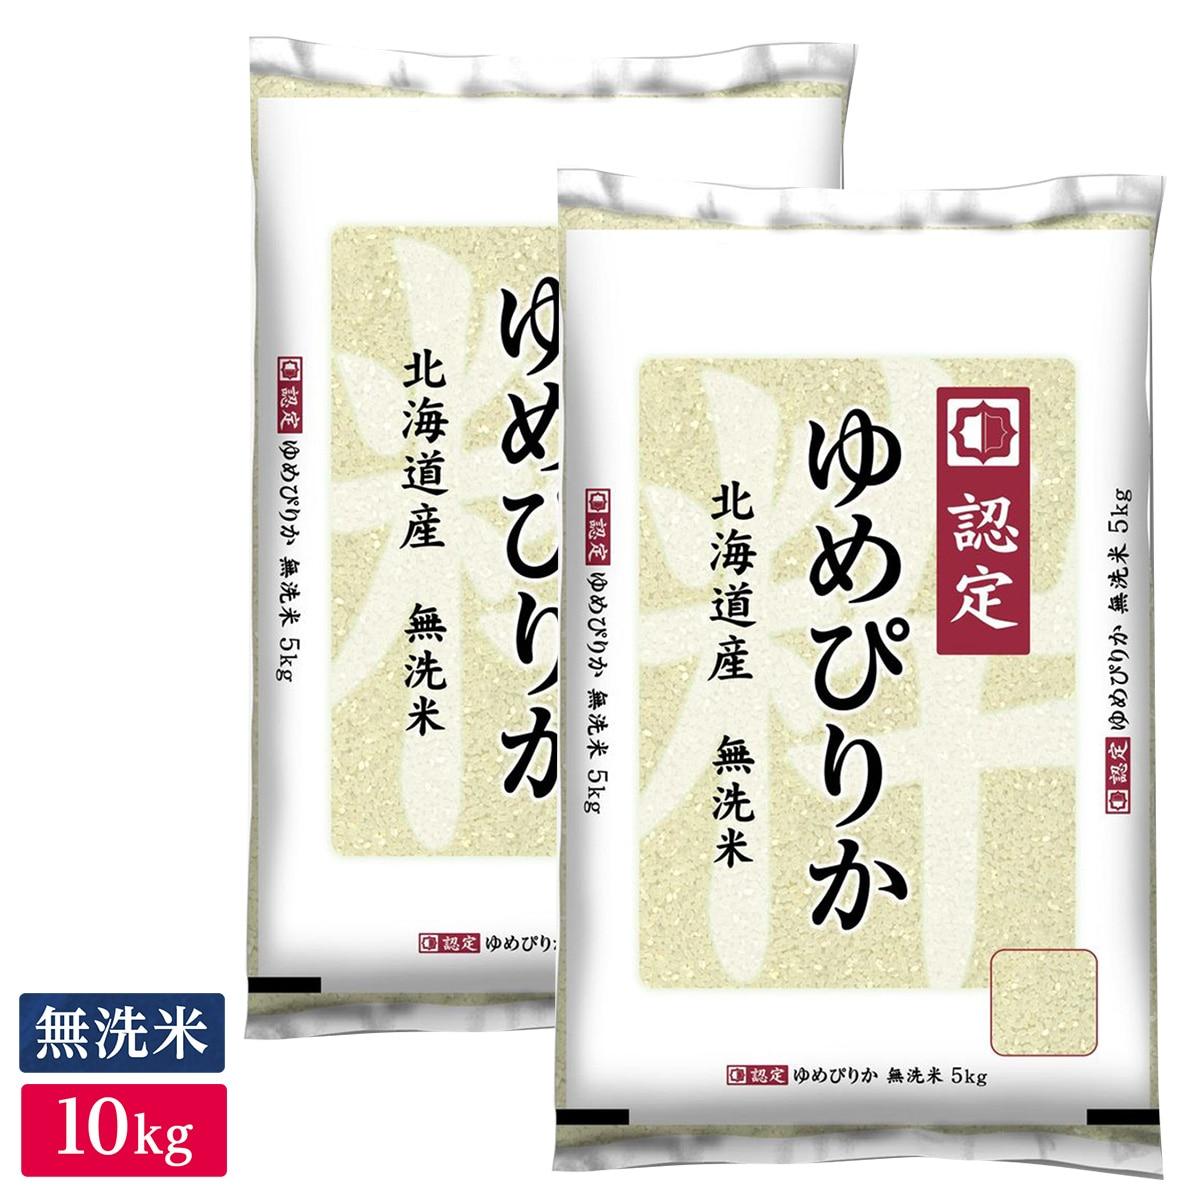 越後ファーム ■【精米】【無洗米】【新米】令和元年産 北海道ゆめぴりか 10kg(5kg×2袋) 25700